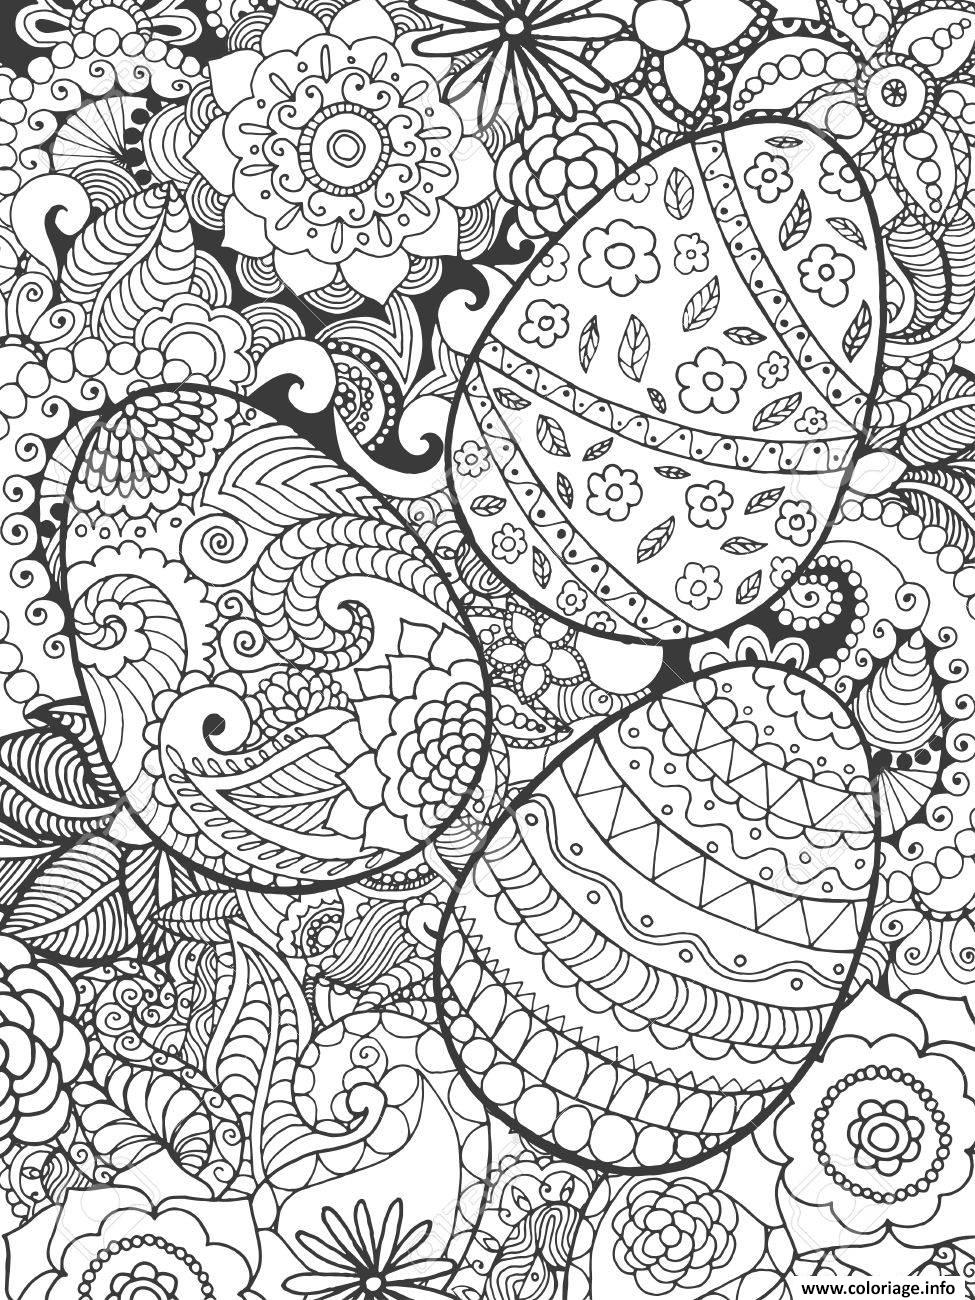 Coloriage Paques Design.Coloriage Adulte Fleurs De Paques Dessin